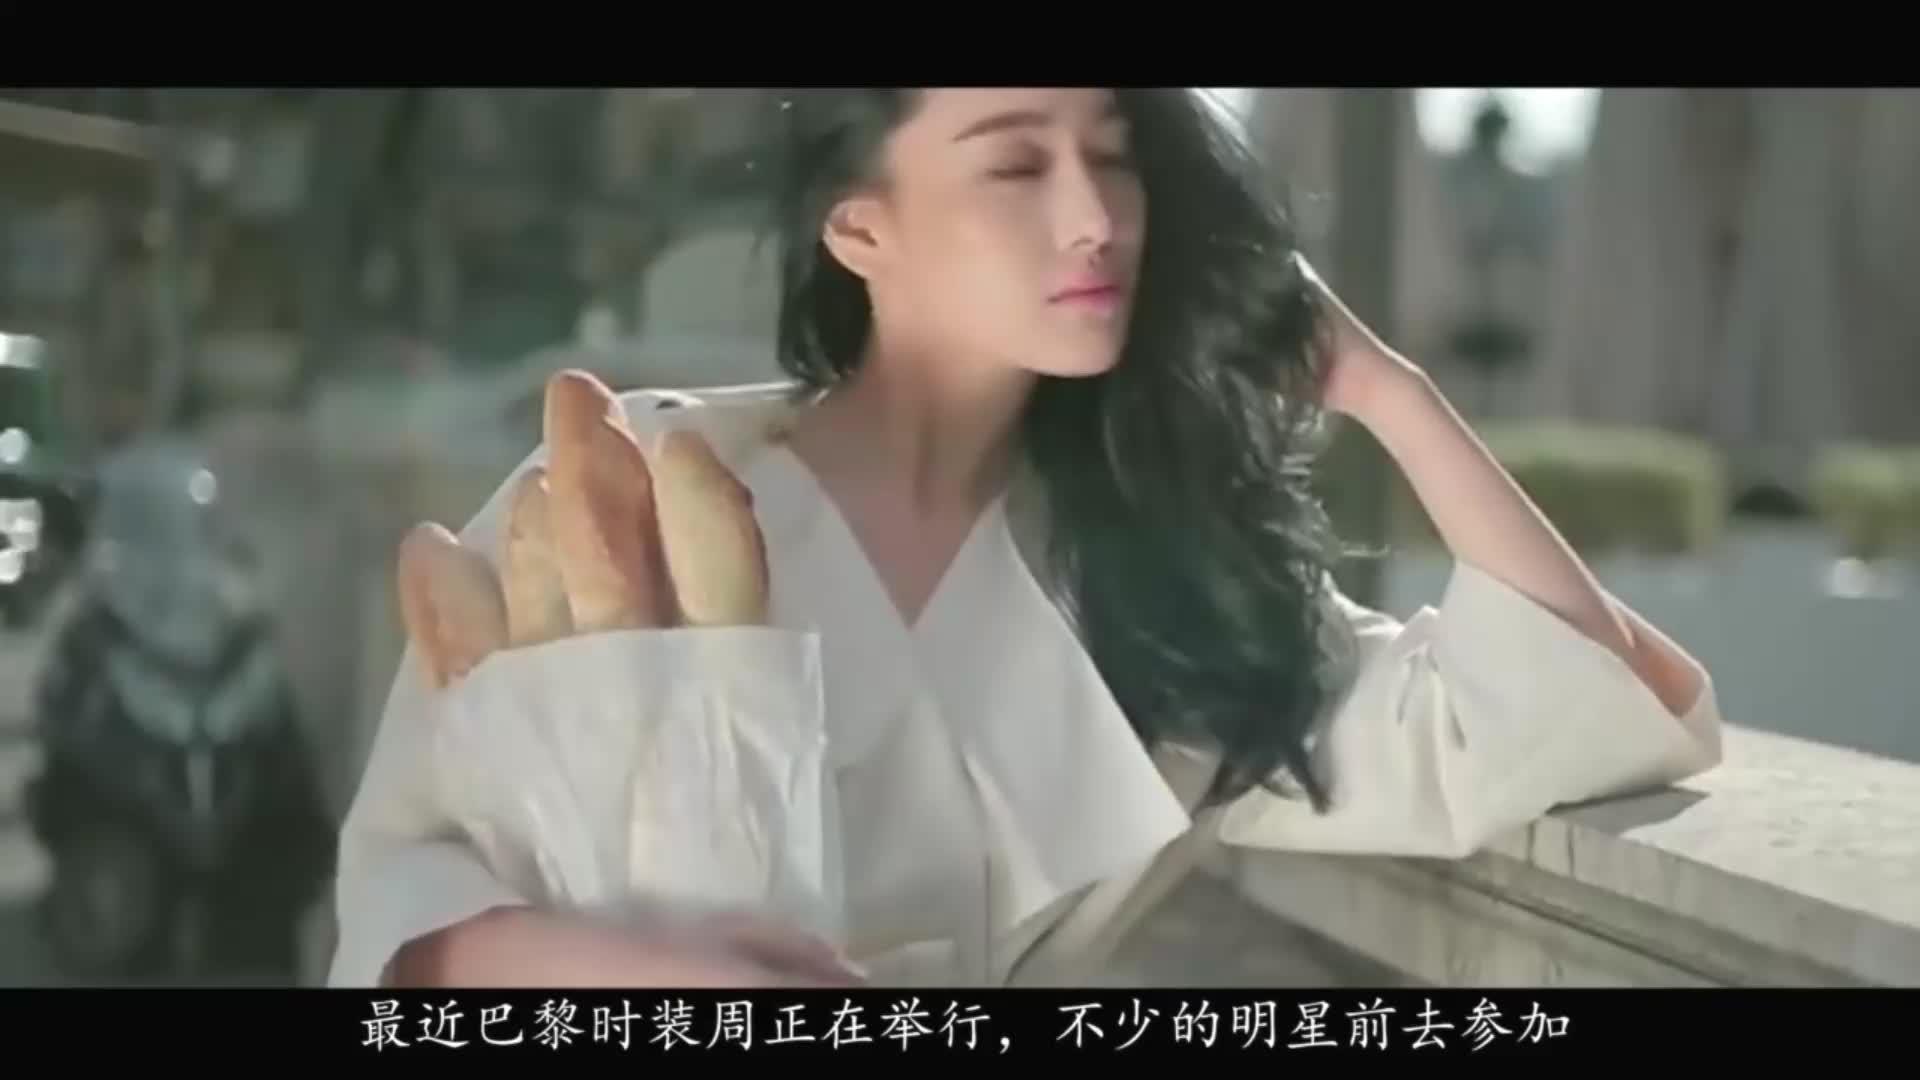 张嘉倪孟美岐合影遭质疑买超微博发文实力护妻粉丝只能恰柠檬